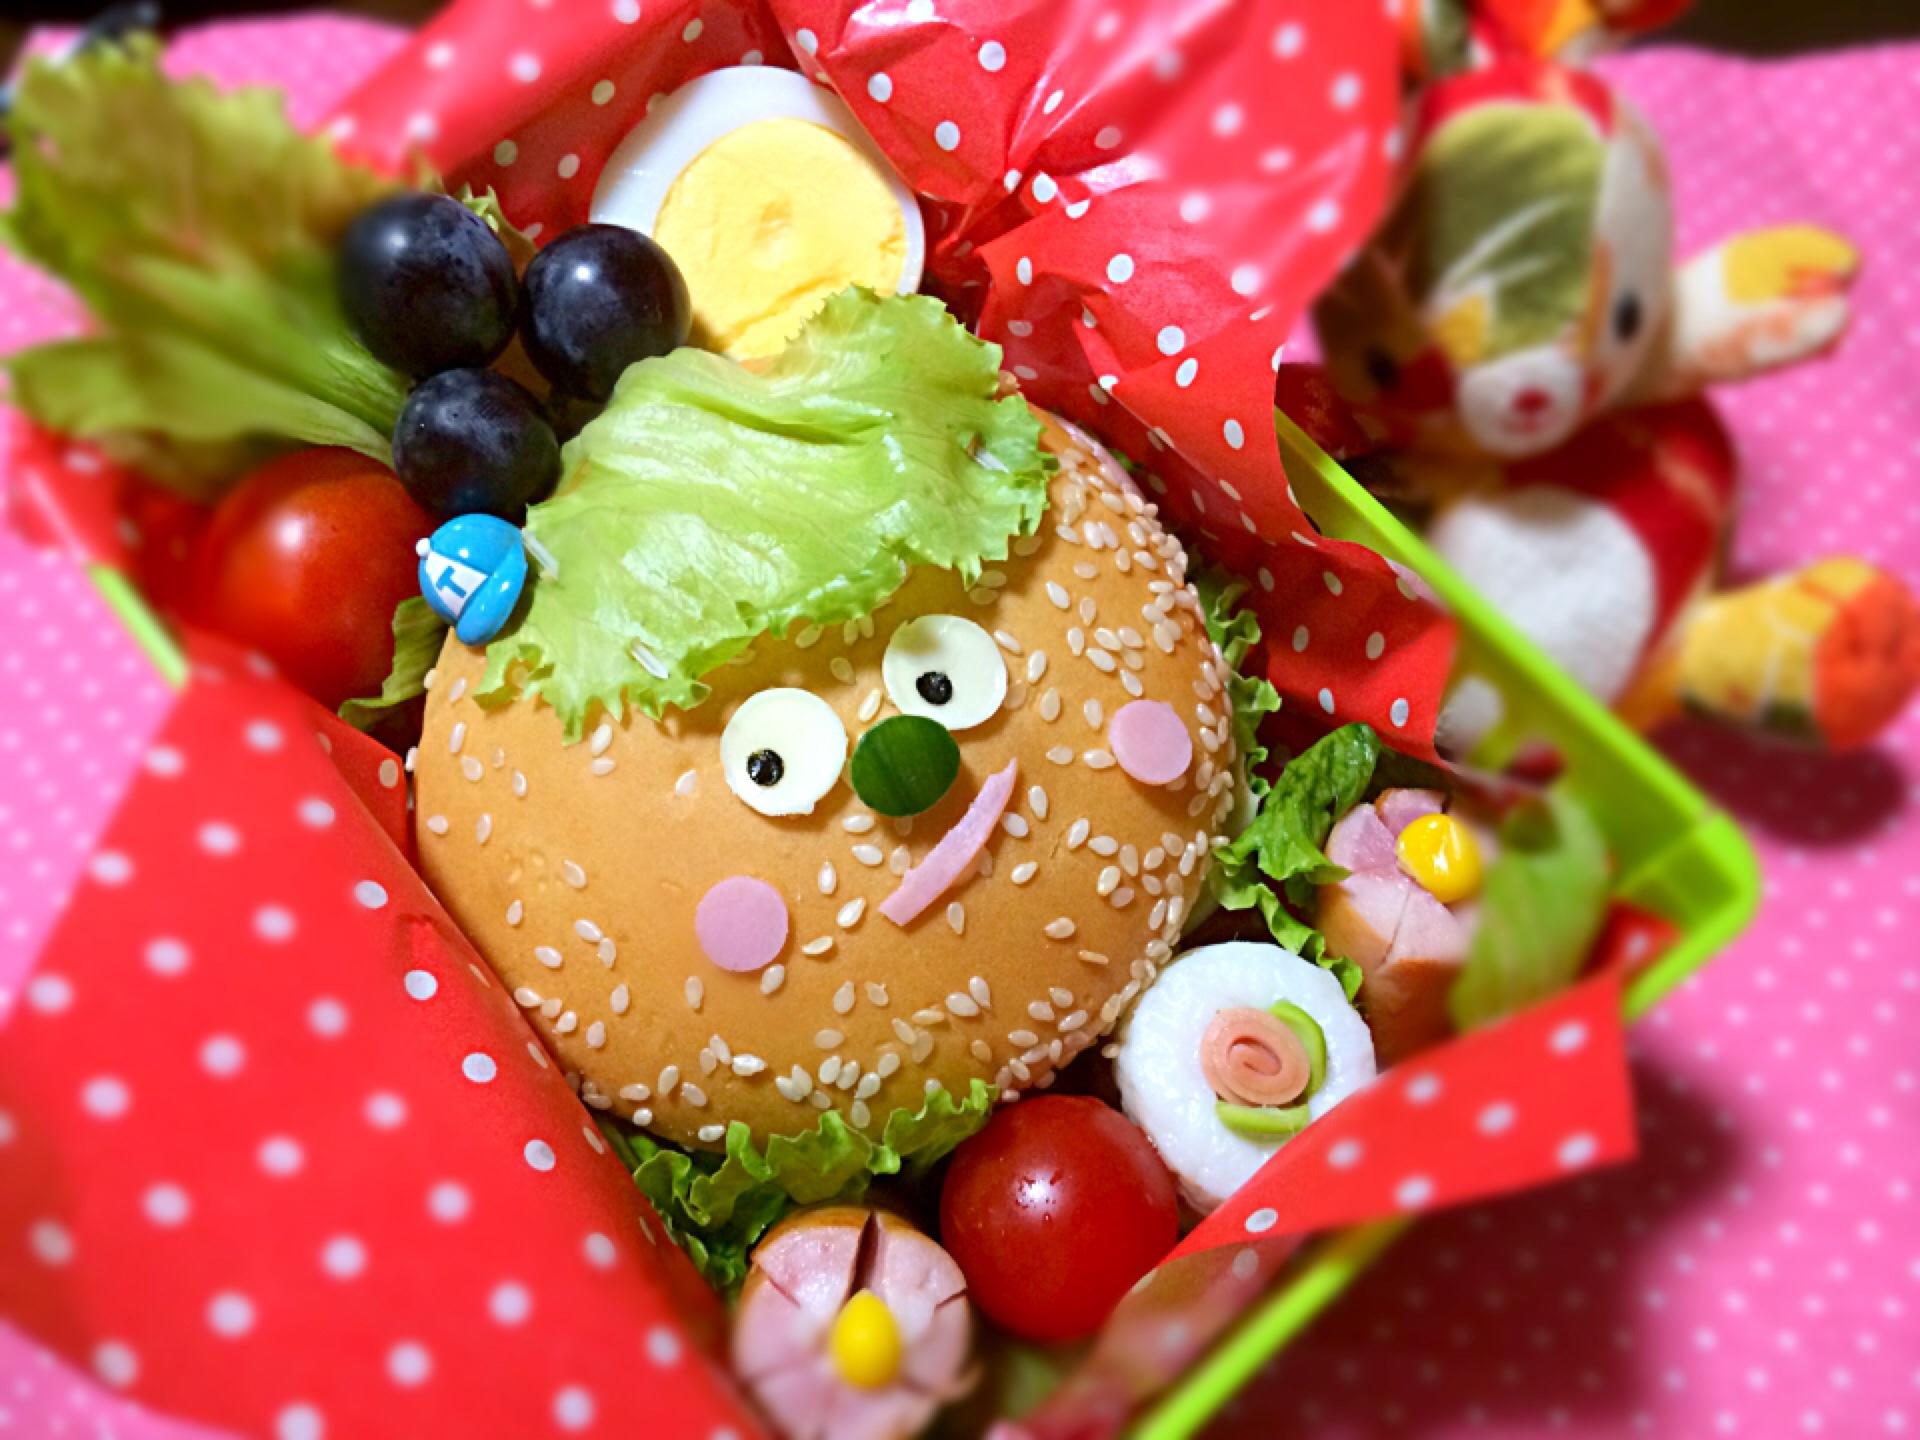 お月見サンド!月見バーガーでは、ありません(^◇^;)ゆで卵が、お月さん꒰*´艸`*꒱